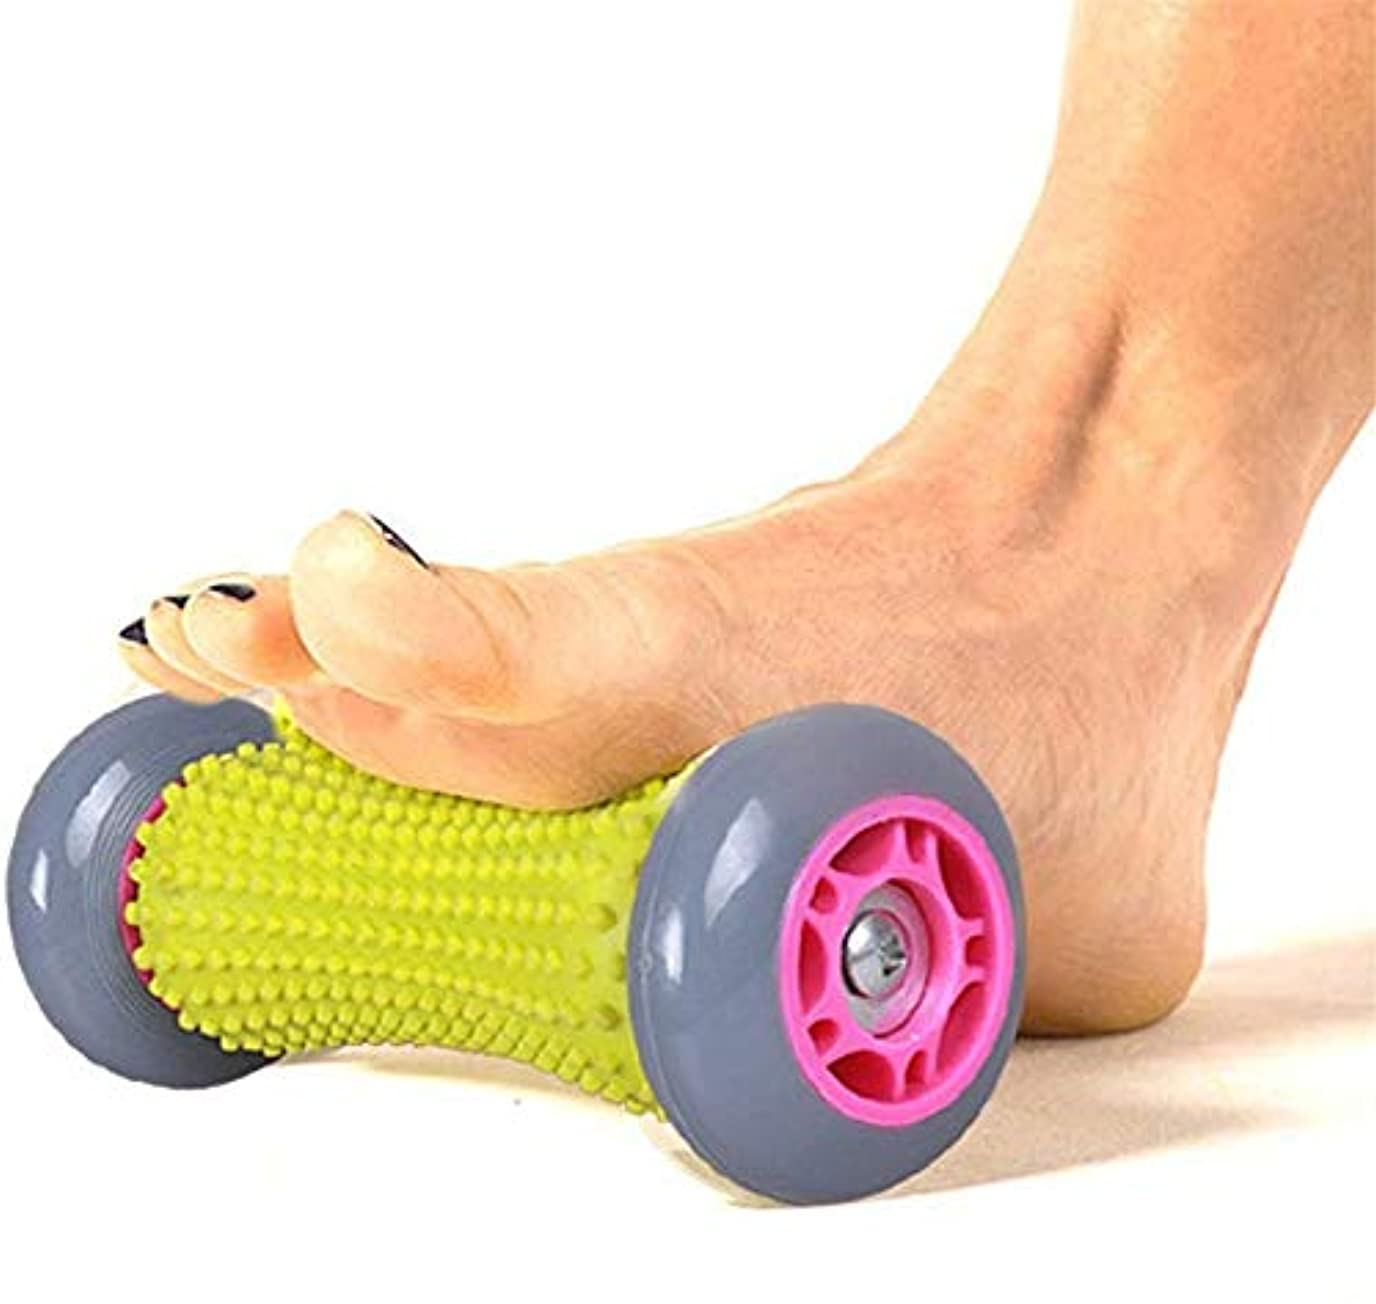 極端な刺激する効能あるフットマッサージローラー、足の上にタイトな筋肉、全体的にリラックス、ストレスリリーフとトリガーポイントセラピーのための足底筋膜炎のかかと足のアーチの痛みリフレクソロジーツールパーフェクトを和らげます